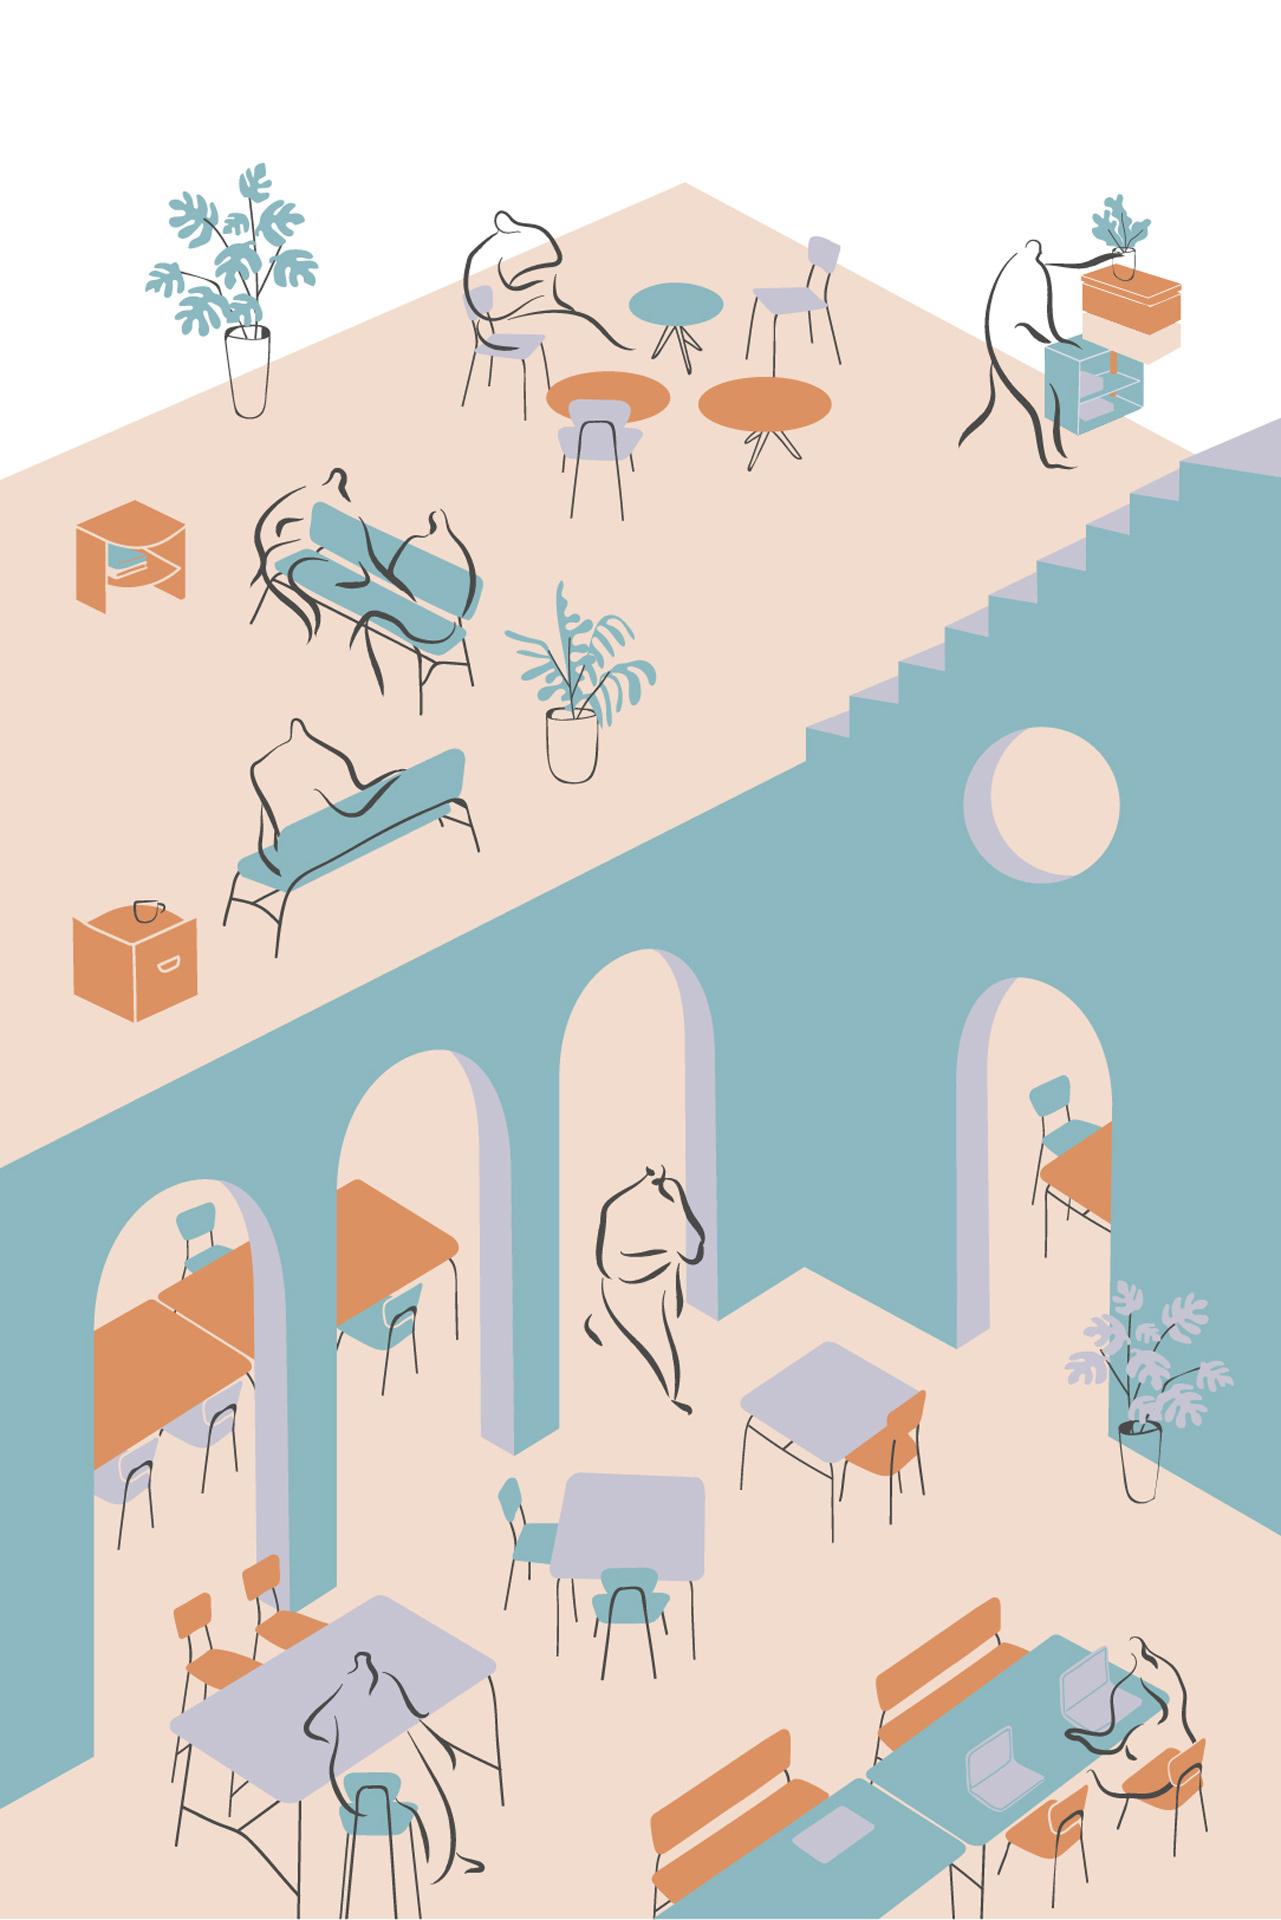 jeux_spaces_illustrazioni_esecutivo_Tavola-disegno-1